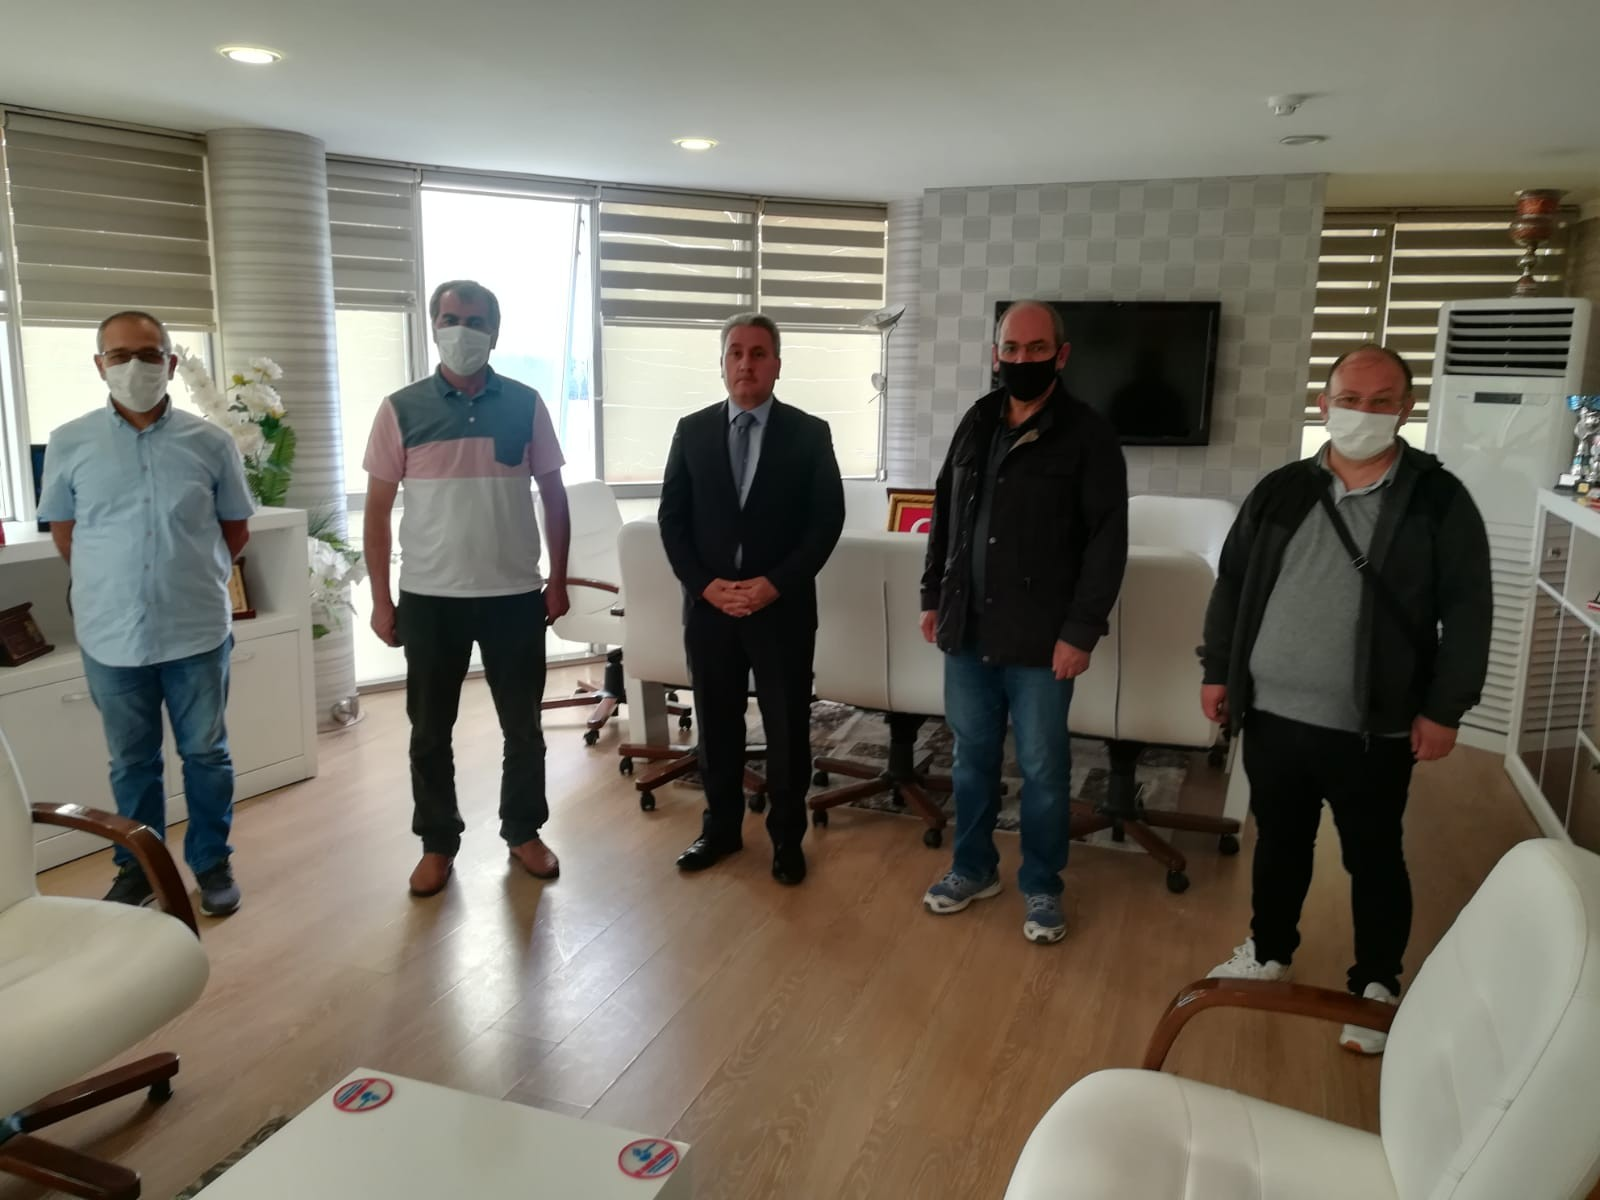 Kayak yöneticileri Gençlik Hizmetleri ve Spor İl Müdürlüğünü ziyaret etti